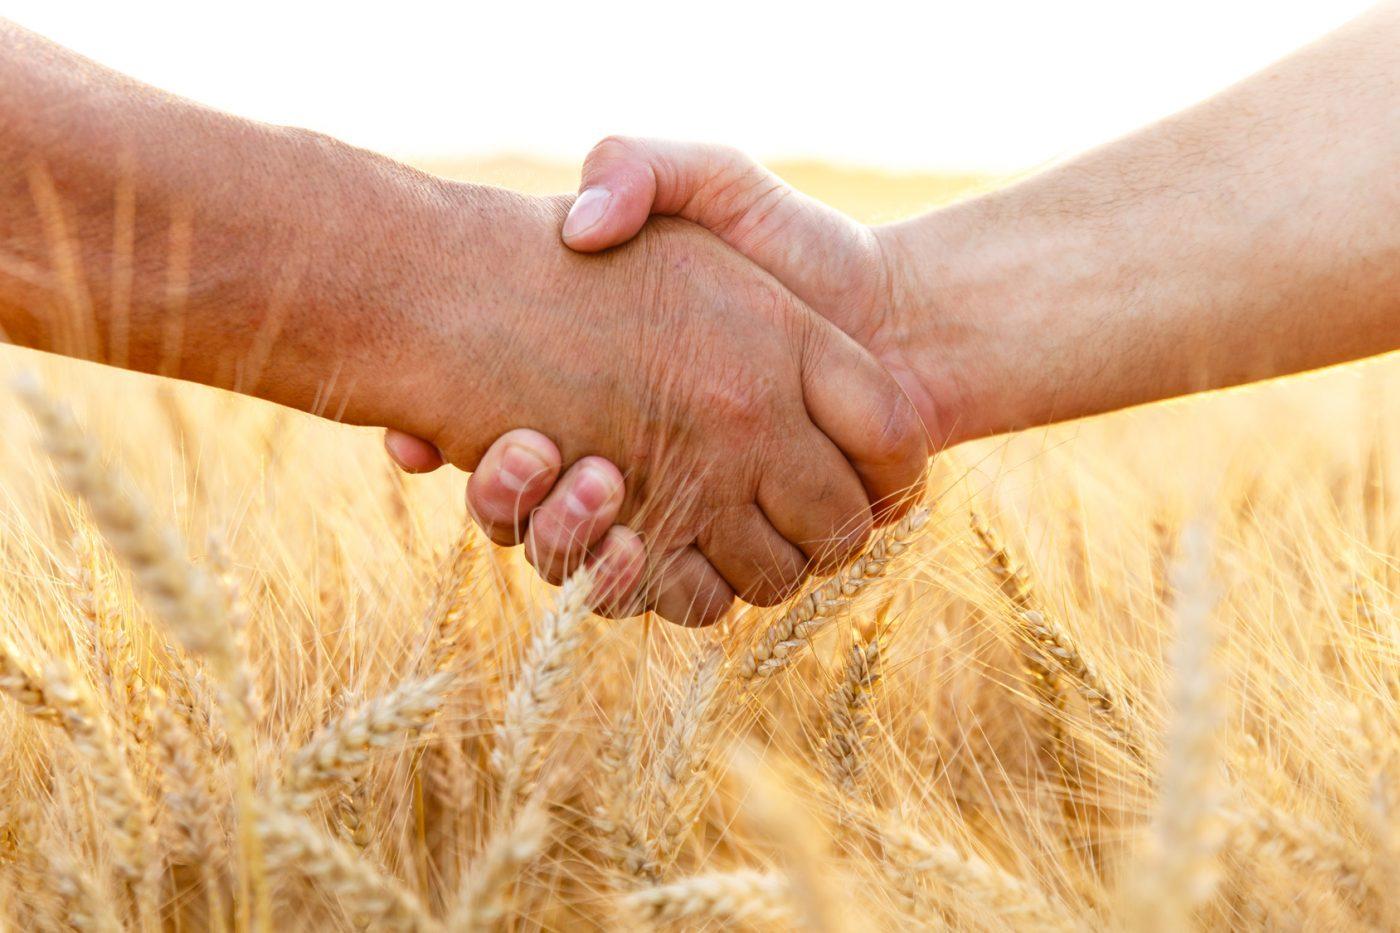 Partenaire matériel agricole des céréaliers et éleveurs - Hamel